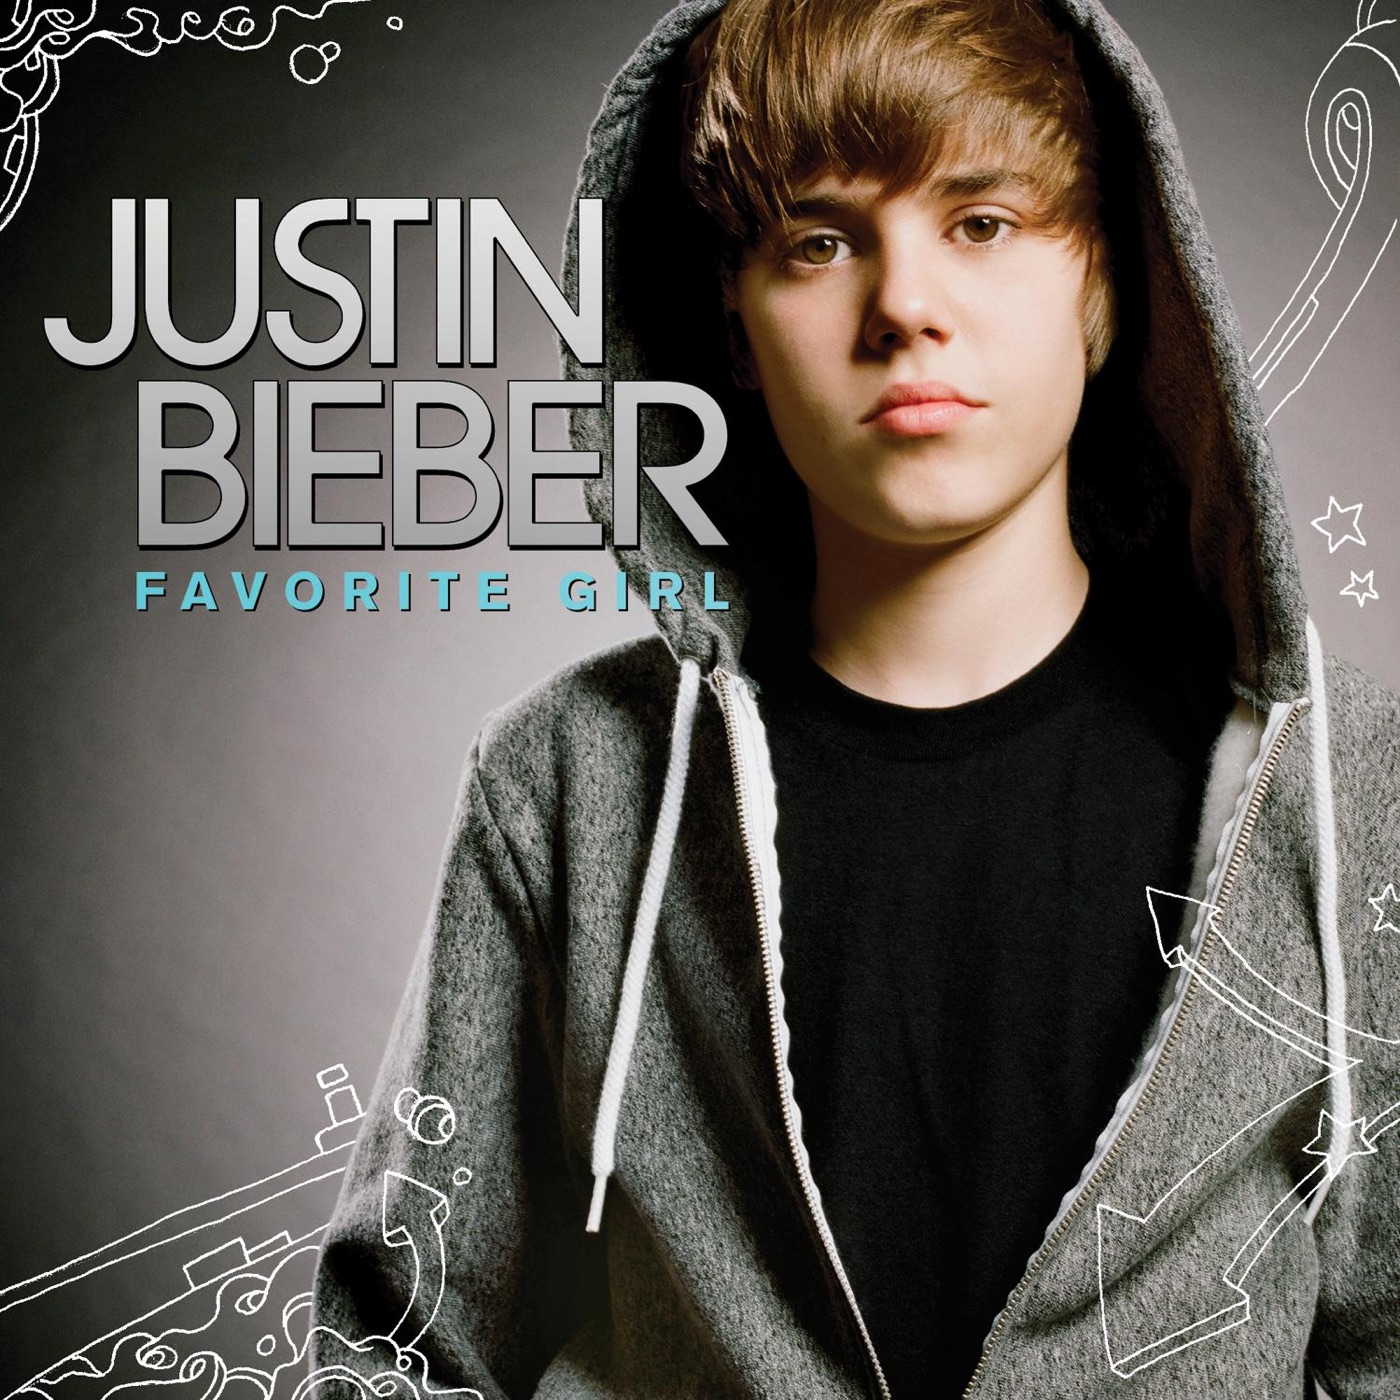 Justin Bieber - Favorite Girl - Single Cover